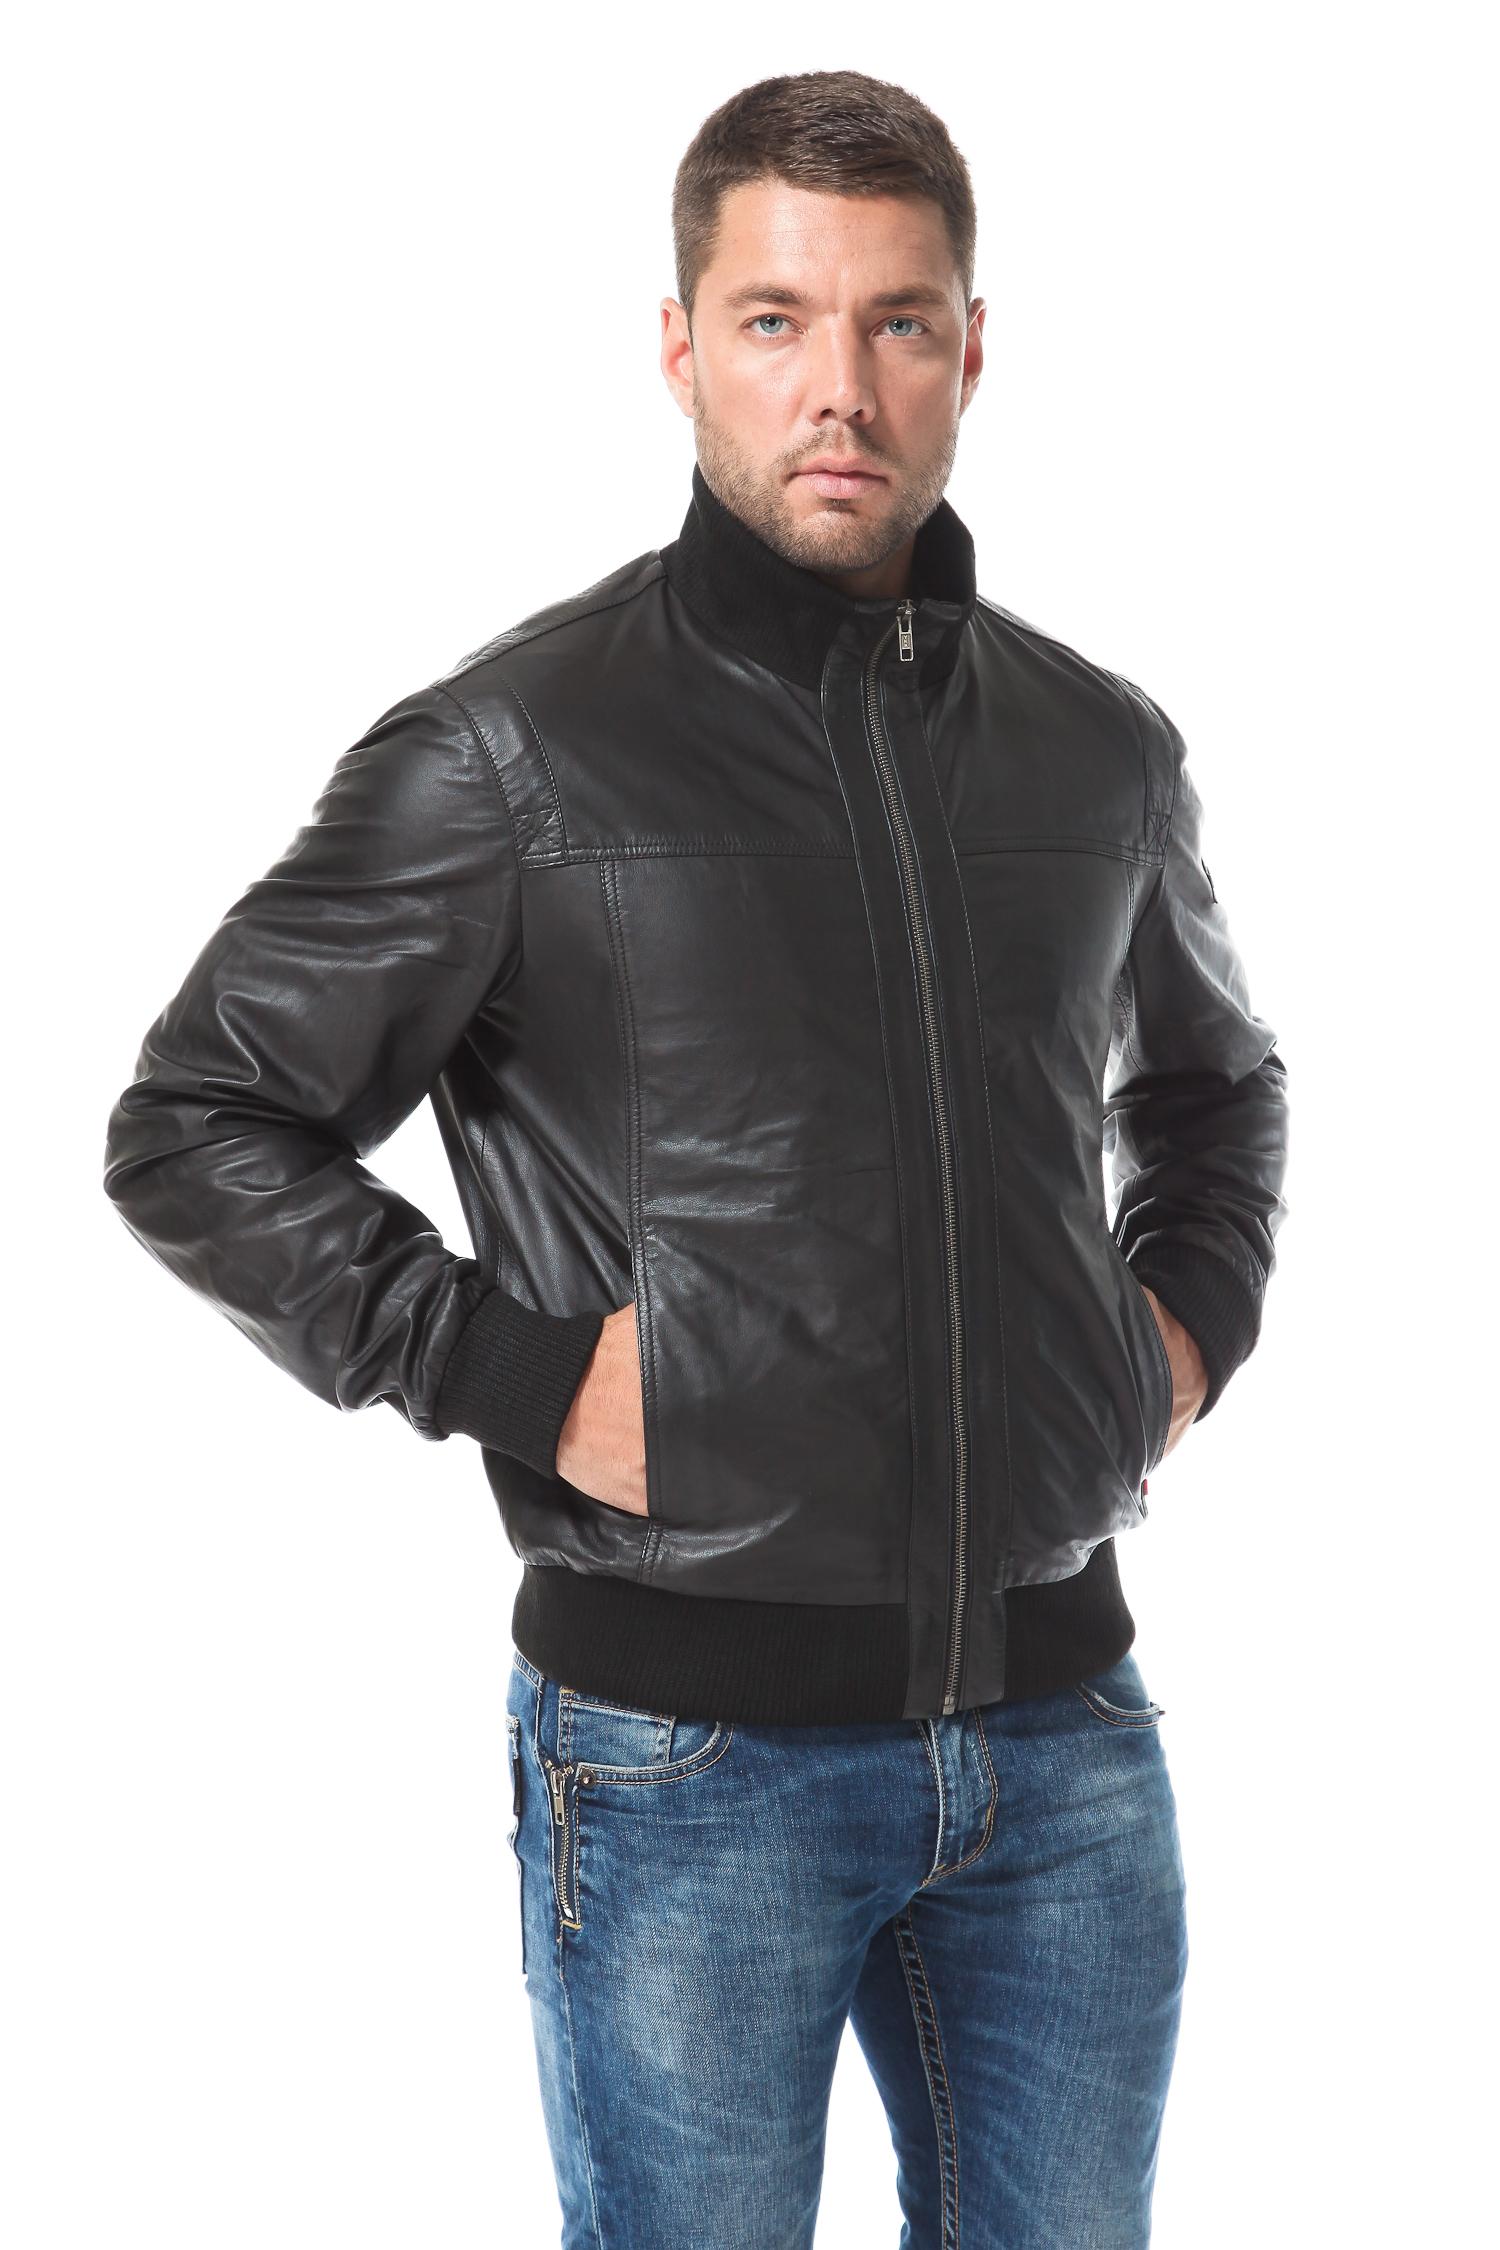 Мужская кожаная куртка из натуральной кожиЦвет  угольно черный.<br><br>Куртка изготовлена из специально выделанной кожи молодого ягненка - ПЛОНЖЕ. Подкладка выполнена из полиэстера.<br><br>Плотная трикотажная резинка нижнего края изделия, а так же воротника и манжет, поможет ощущать себя очень уютно и комфортно, одновременно являясь на протяжении нескольких сезонов актуальным трендом. Крой построен на прямых, геометричных линиях. Лаконичный силуэт, минимум деталей - данная модель выгодно отличается практичностью ифункциональностью.<br><br>Воротник: стойка<br>Длина см: Короткая (51-74 )<br>Материал: Кожа овчина<br>Цвет: черный<br>Пол: Мужской<br>Размер RU: 46